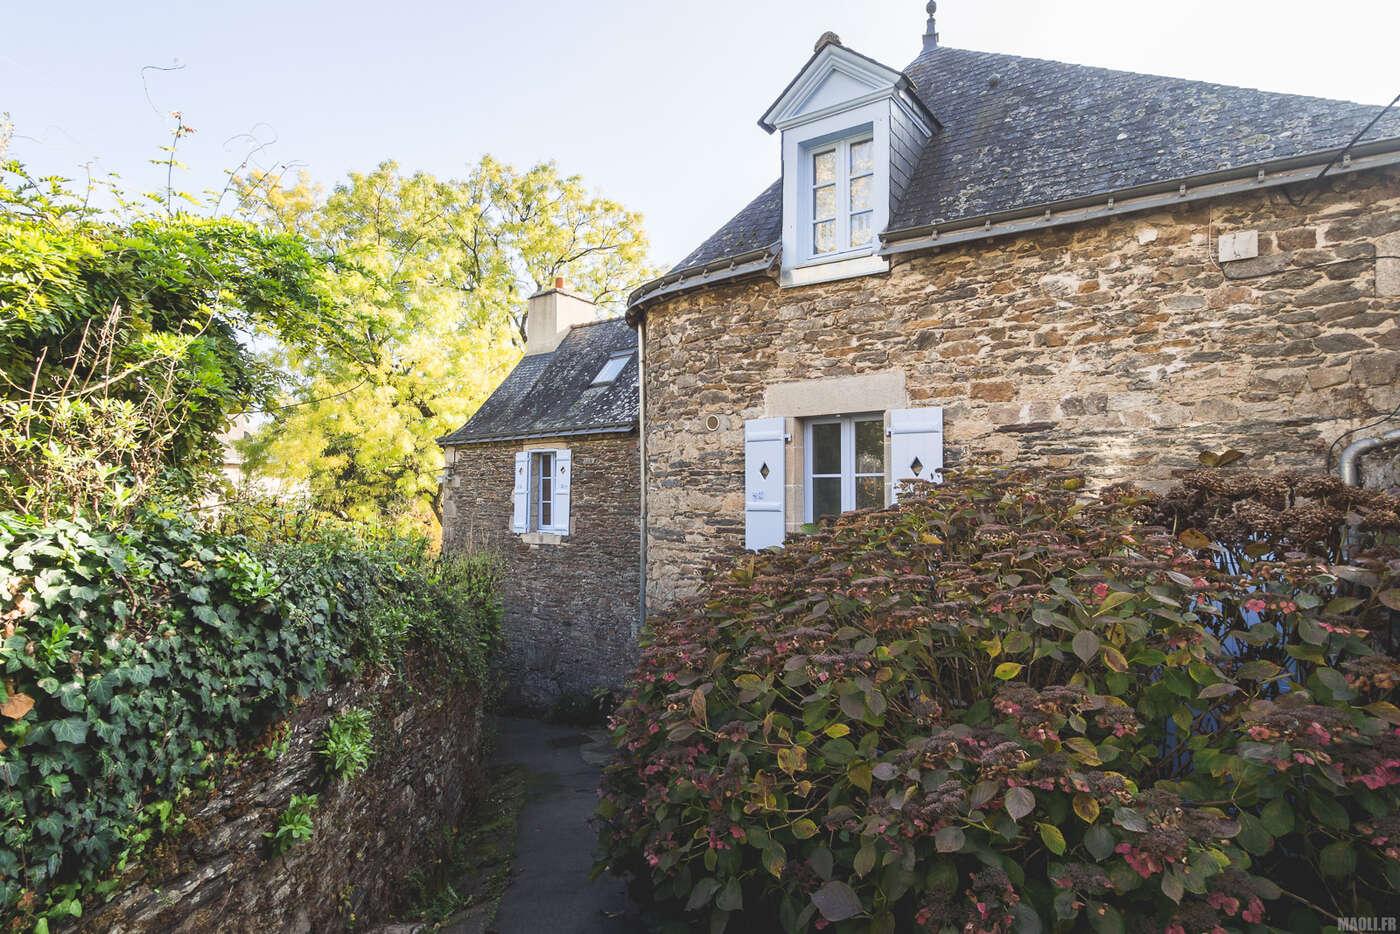 Petits chemin de Rochefort-en-Terre